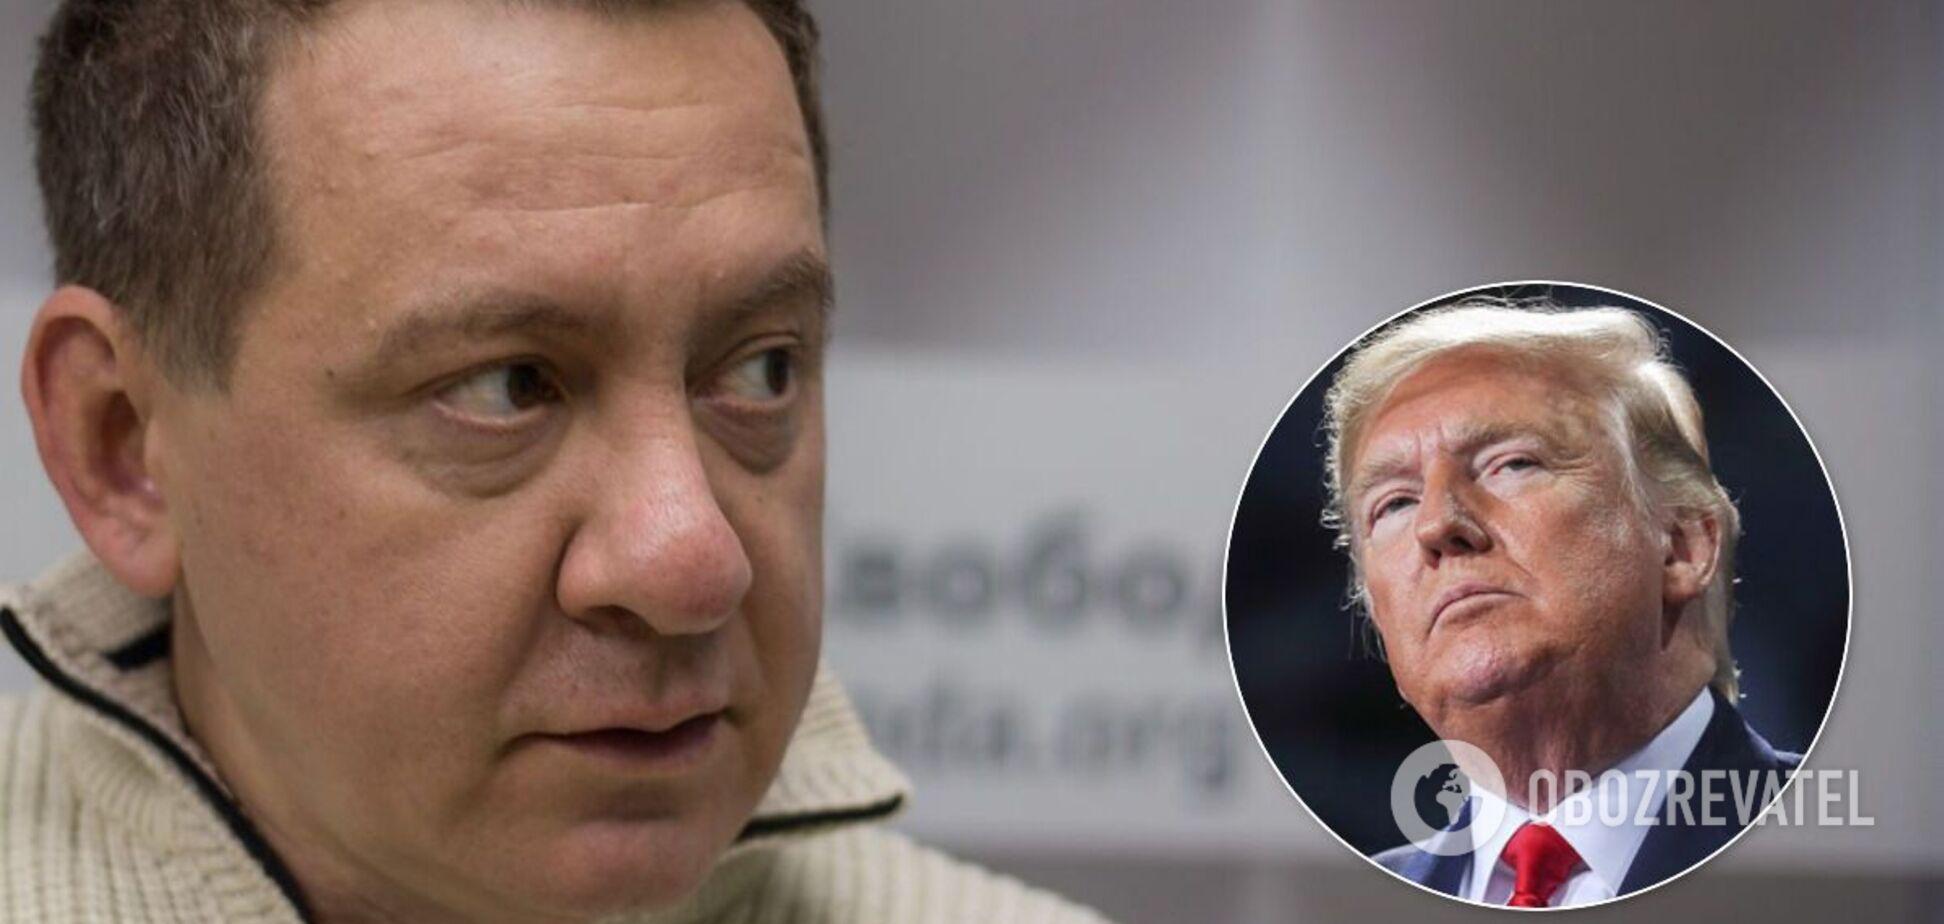 Муждабаєв назвав Трампа підлеглим Путіна